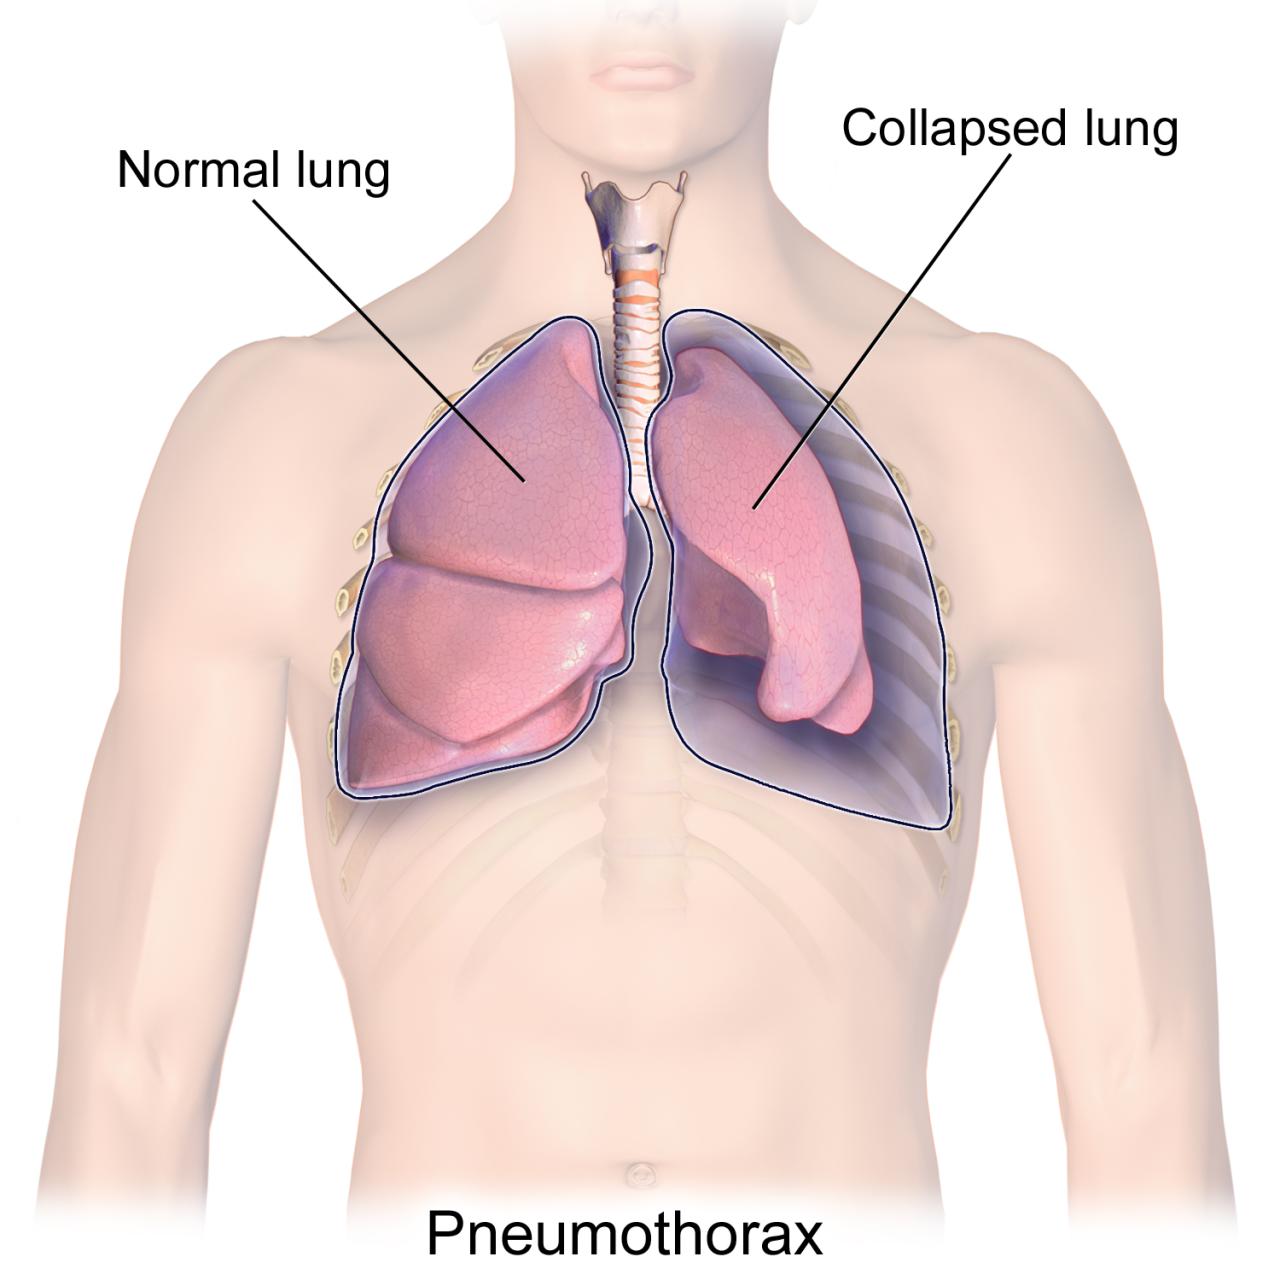 صور اعراض الشد العضلي في القفص الصدري , تعرف على اسباب تعب القفص الصدري